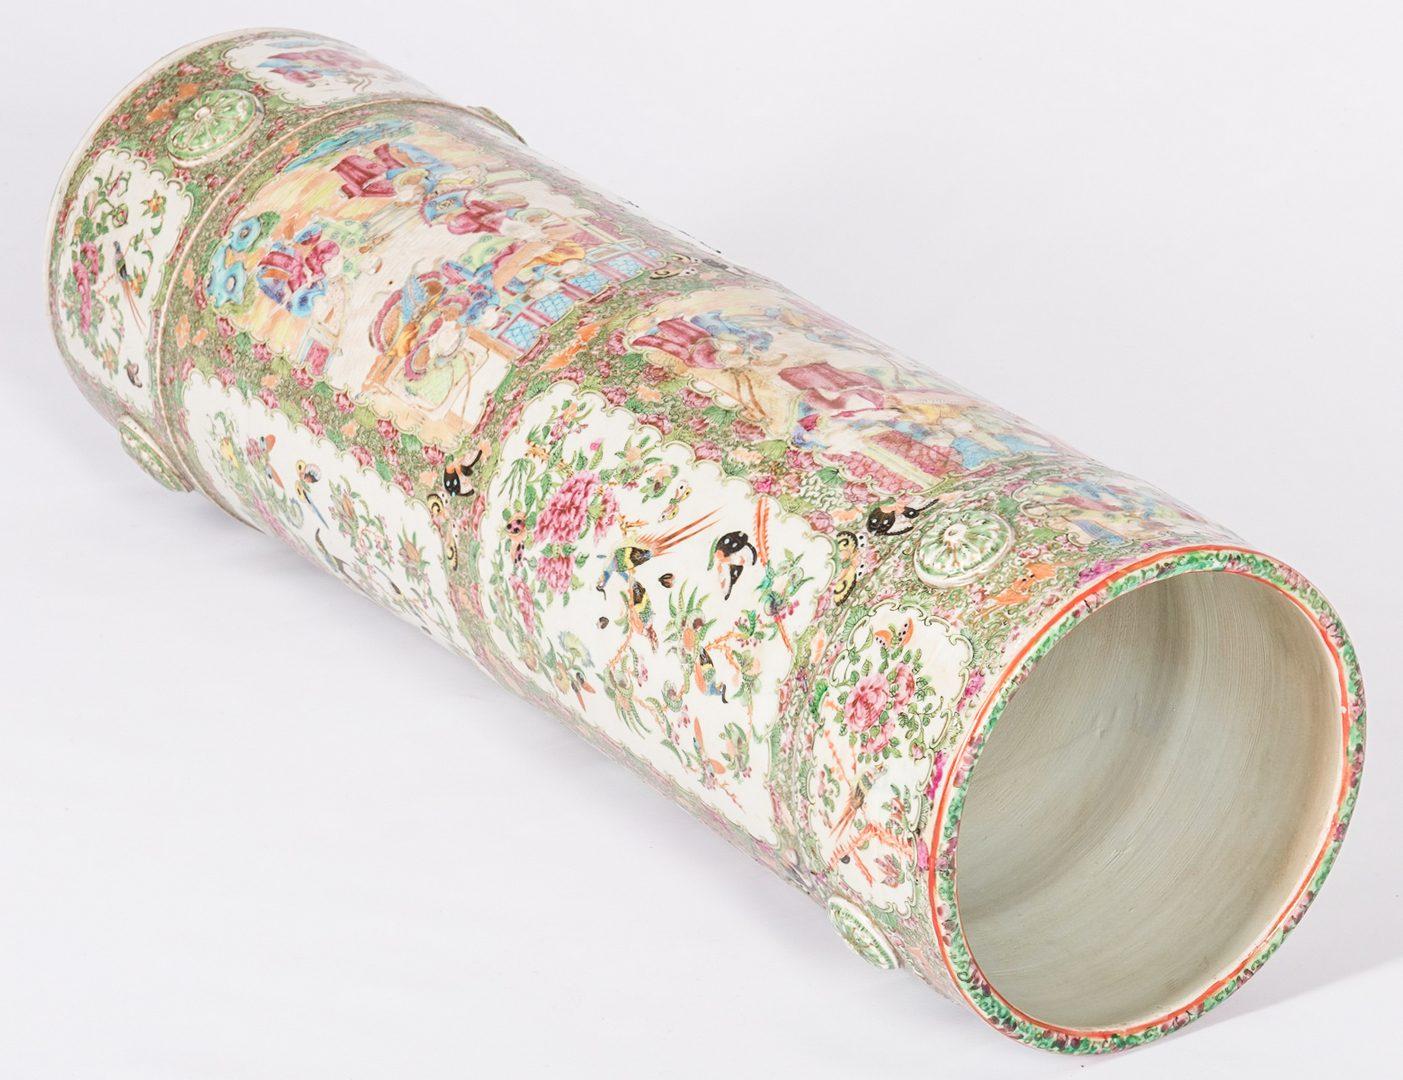 Lot 182: Rose Medallion Porcelain Umbrella Stand or Floor V